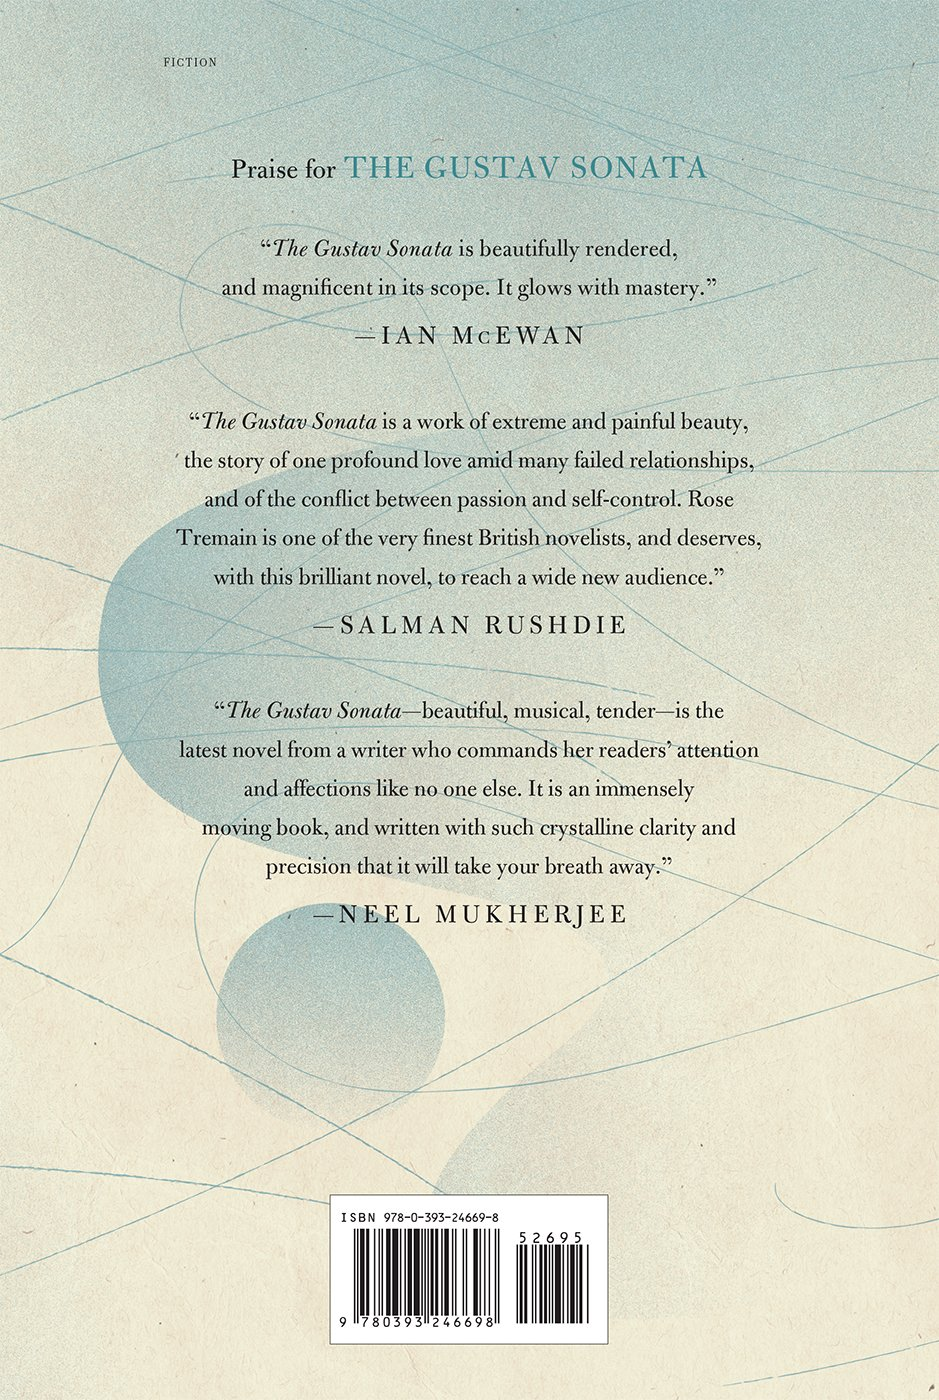 Amazon.com: The Gustav Sonata: A Novel (9780393246698): Rose Tremain: Books